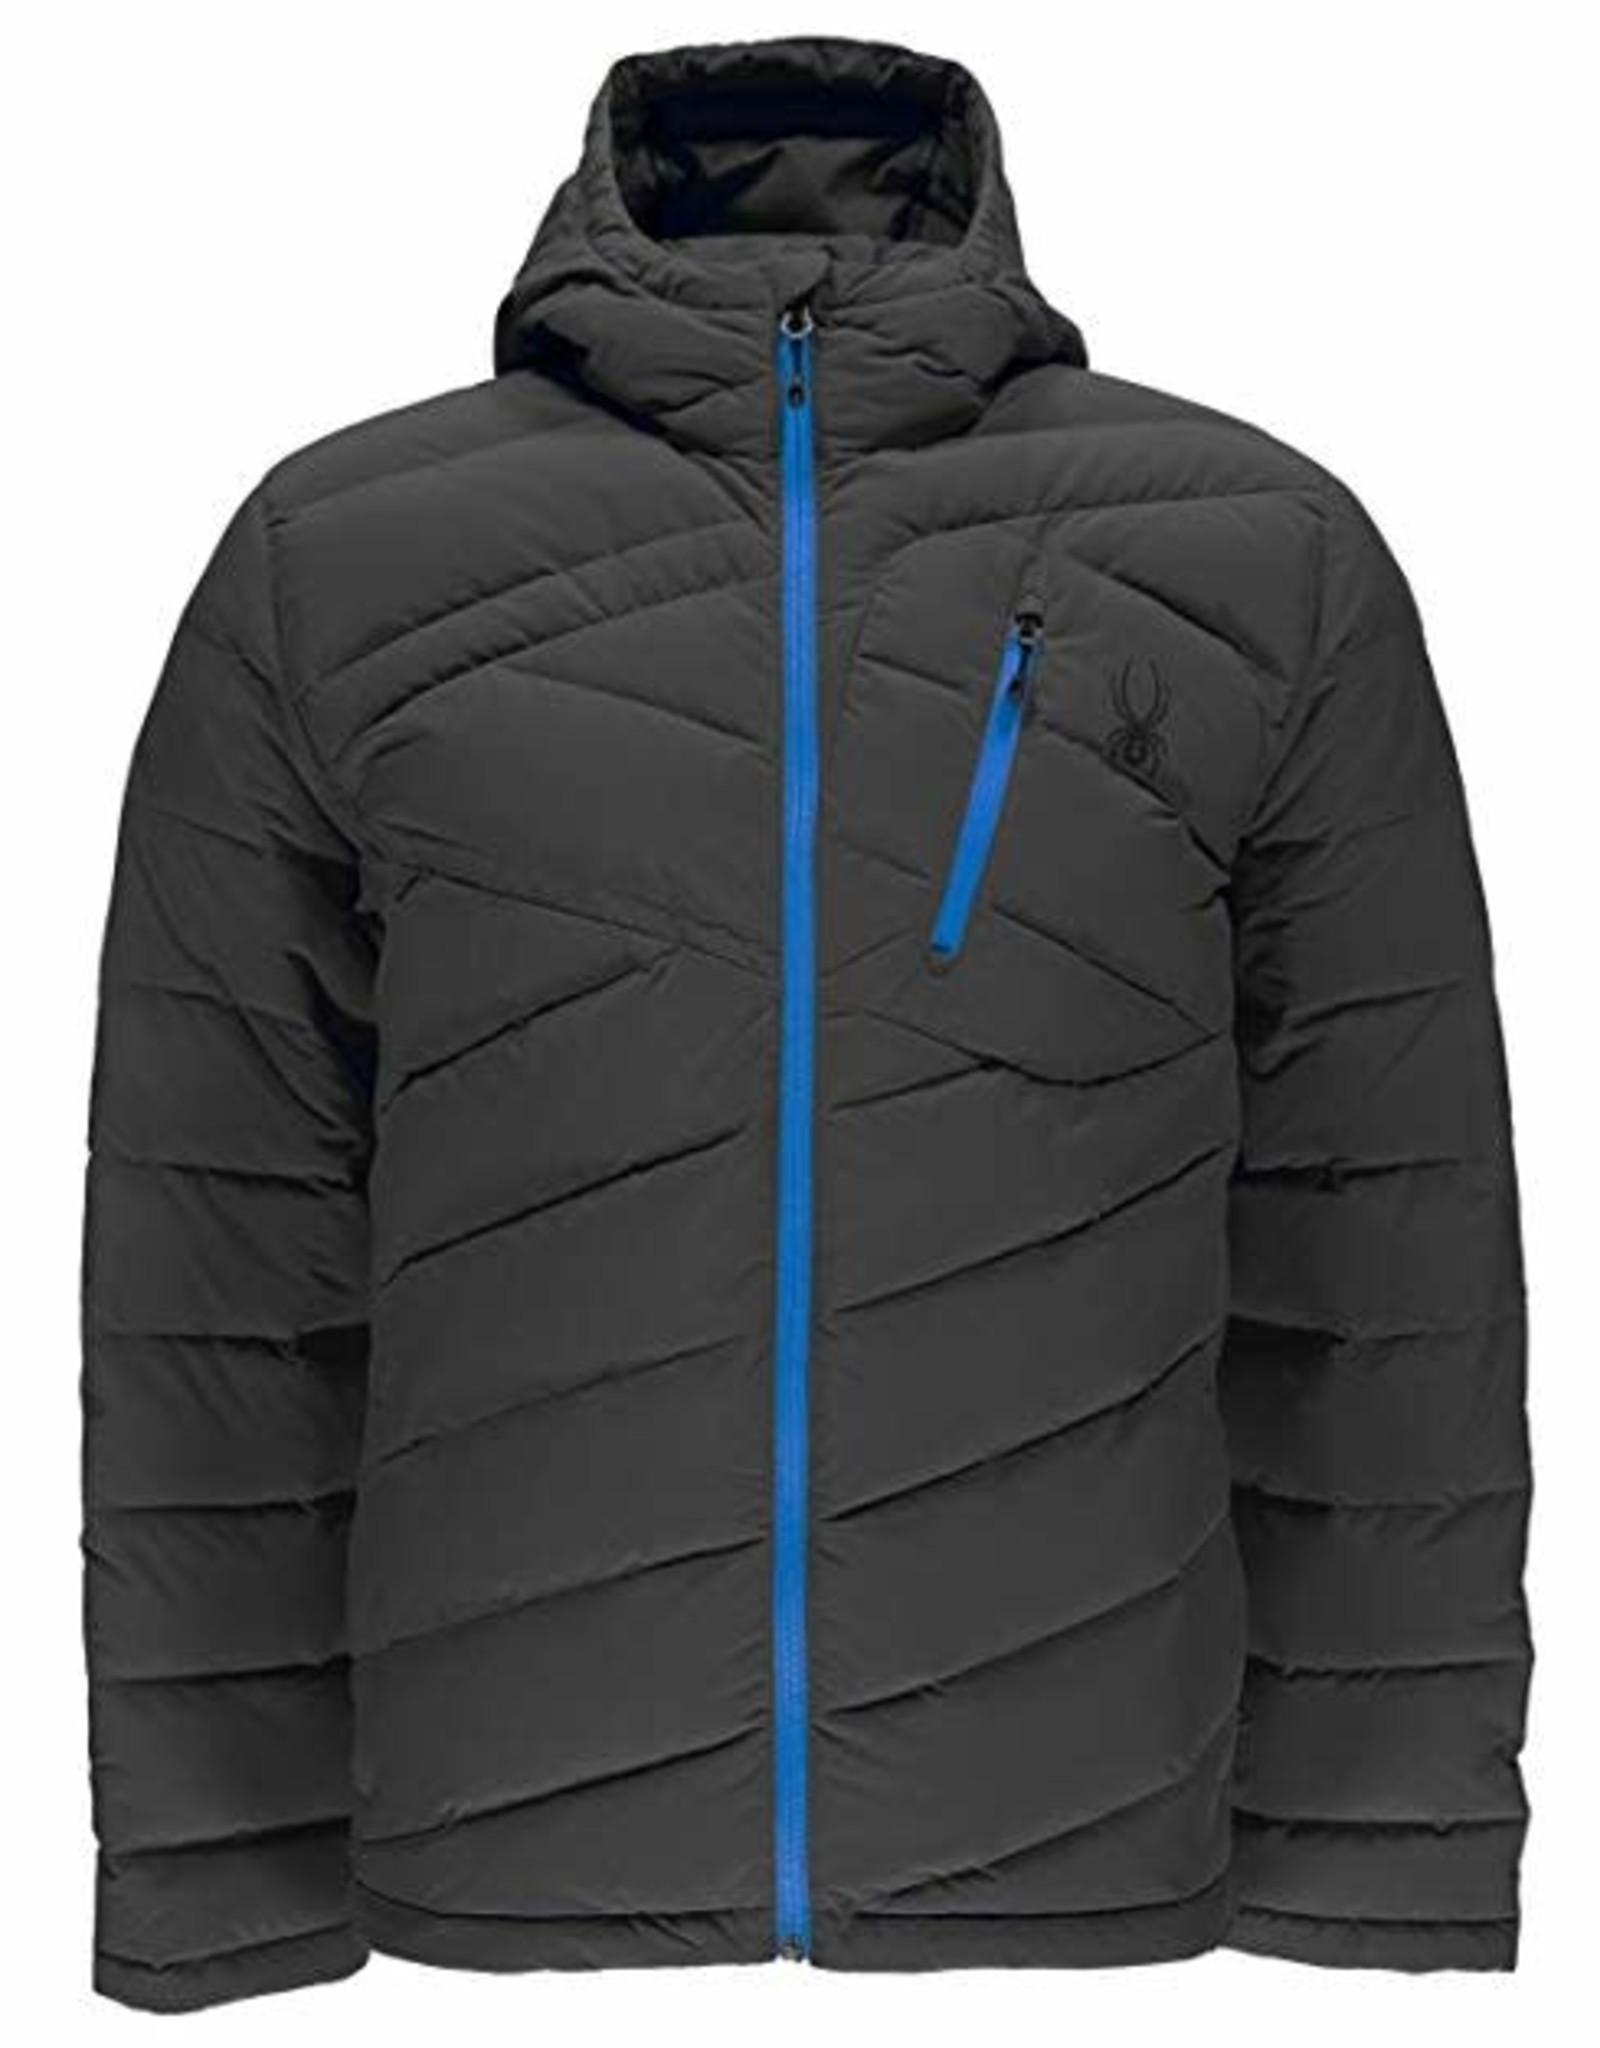 Spyder Syrround hoodie Down Jacket